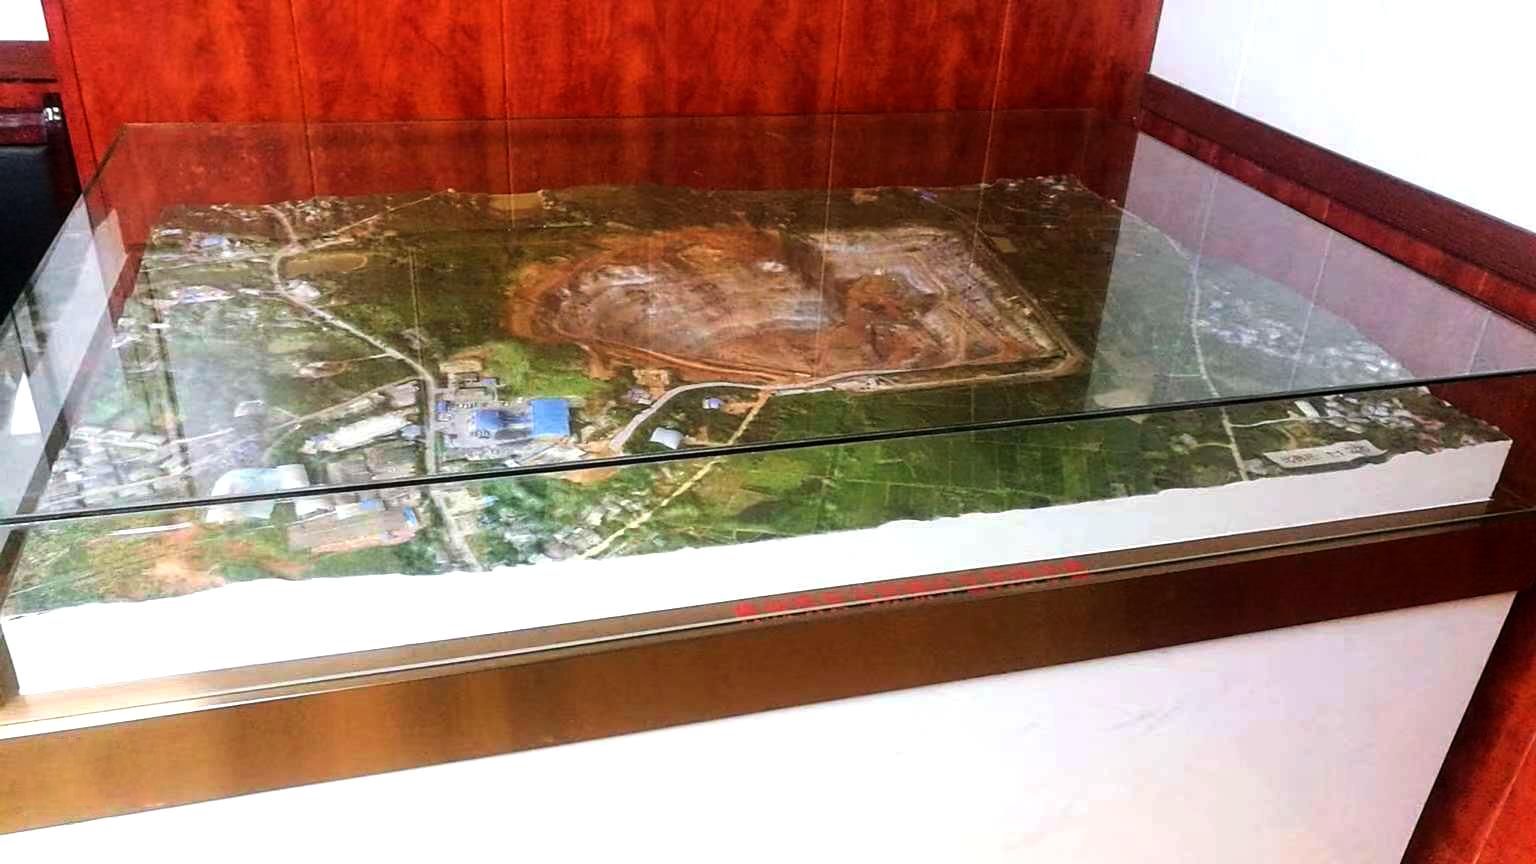 四川风谷三维真彩色实景地形沙盘制作图片